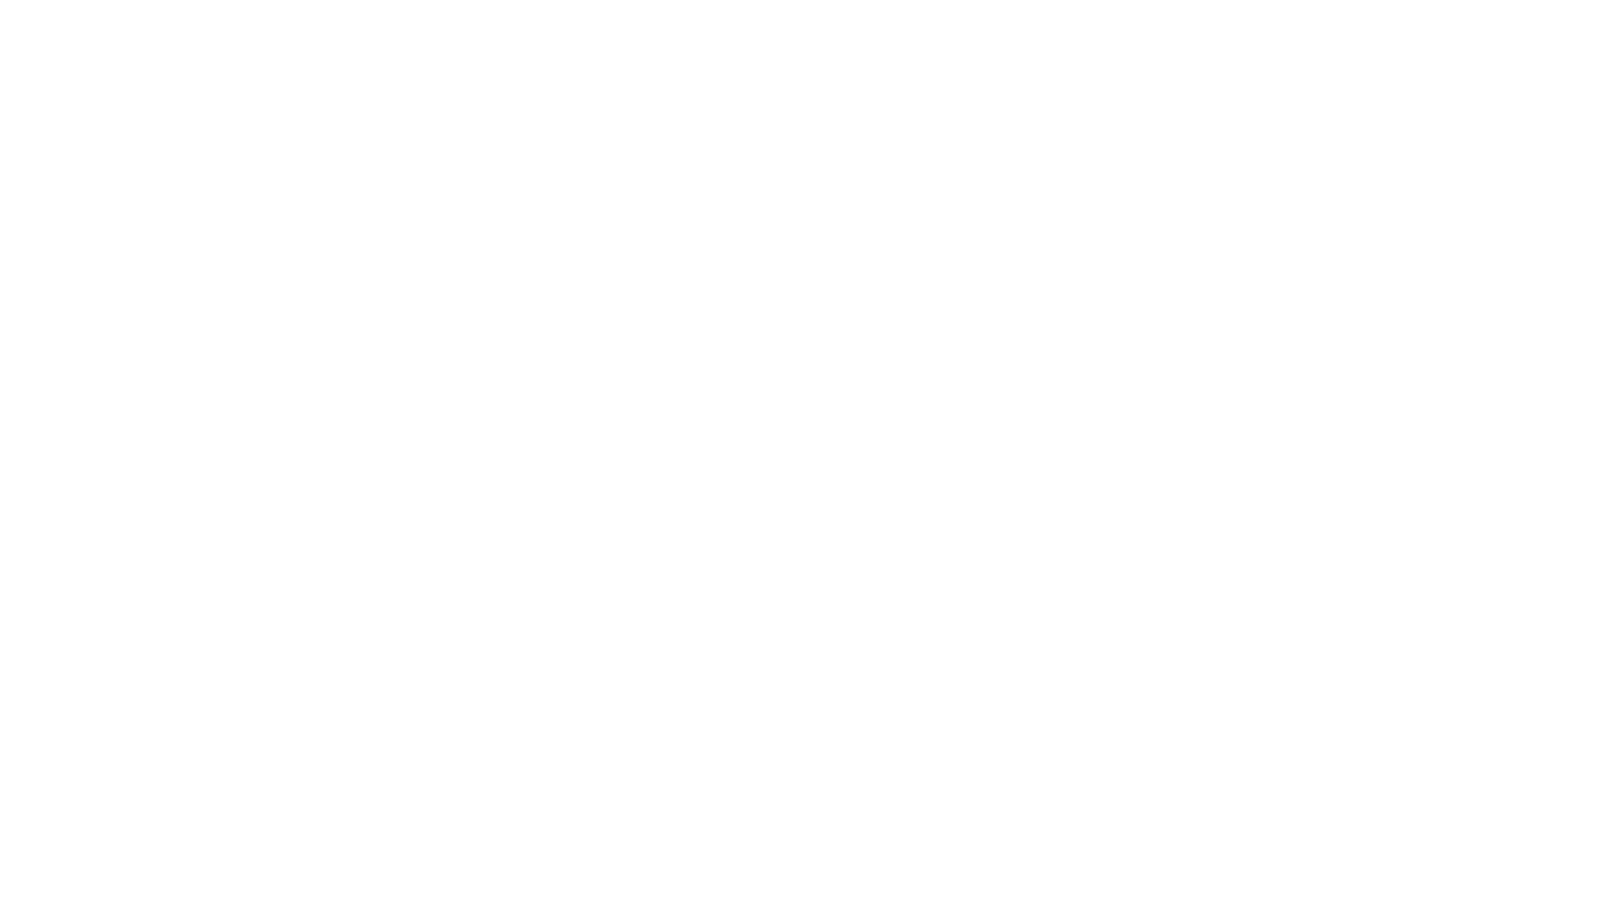 """Krajskí poslanci, na svojom 25. zasadnutí Zastupiteľstva PSK (15.02.2021), po hodine odsúhlasili odvolanie riaditeľa Hornošarišského osvetového strediska (HOS) v Bardejove - J. Bochňu.   Návrh na jeho odvolanie poslancom predložil župan Milan Majerský (KDH). Dôvodom boli výsledky kontroly, ktorú v stredisku vykonal Najvyšší kontrolný úrad (NKÚ) SR.  J. Bochňa sa na stoličku riaditeľa HOS (zriaďovateľ PSK) posadil v roku 2009.  """"Keď som v roku 2009 nastúpil do funkcie riaditeľa, bol som najmladším riaditeľom Prešovského kraja. Málokto veril, že sa v časoch nastupujúcej krízy podarí takému mladému riaditeľovi úspešne viesť osvetovú organizáciu. Úsilie sa však vyplatilo. Odvtedy sme viackrát spomedzi všetkých osvetových stredísk Prešovského kraja získali najviac financií na rozvoj tradičnej kultúry a máme projektových partnerov v siedmich štátoch EÚ i mimo nej.""""  Od roku 2017 je poslancom Prešovského samosprávneho kraja za okres Bardejov.  V roku 2018 prvýkrát kandidoval na post primátora mesta Bardejov.  V decembri 2020 sa zúčastnil výberového konania na obsadenie miesta generálneho riaditeľa Slovenského technického múzea (STM).  15. februára 2021 za jeho odvolanie zahlasovalo 39 poslancov (Patrik Mihaľ, Martin Šmilňák, Boris Hanuščak), 1 (Jozef Kmec) bol proti a 16 (Pavol Ceľuch) sa zdržalo, jeden poslanec nahlasoval.  video, zdroj: https://www.po-kraj.sk/sk/samosprava/zastupitelstvo-psk/zasadnutia-zpsk/2021/25-zasadnutie-zpsk-15-02-2021.html?fbclid=IwAR31BRQm980az_Pb9De_BronH2g7PTIKpwLkYHtcvP6hVVTG2o2yUm-yQ4M"""